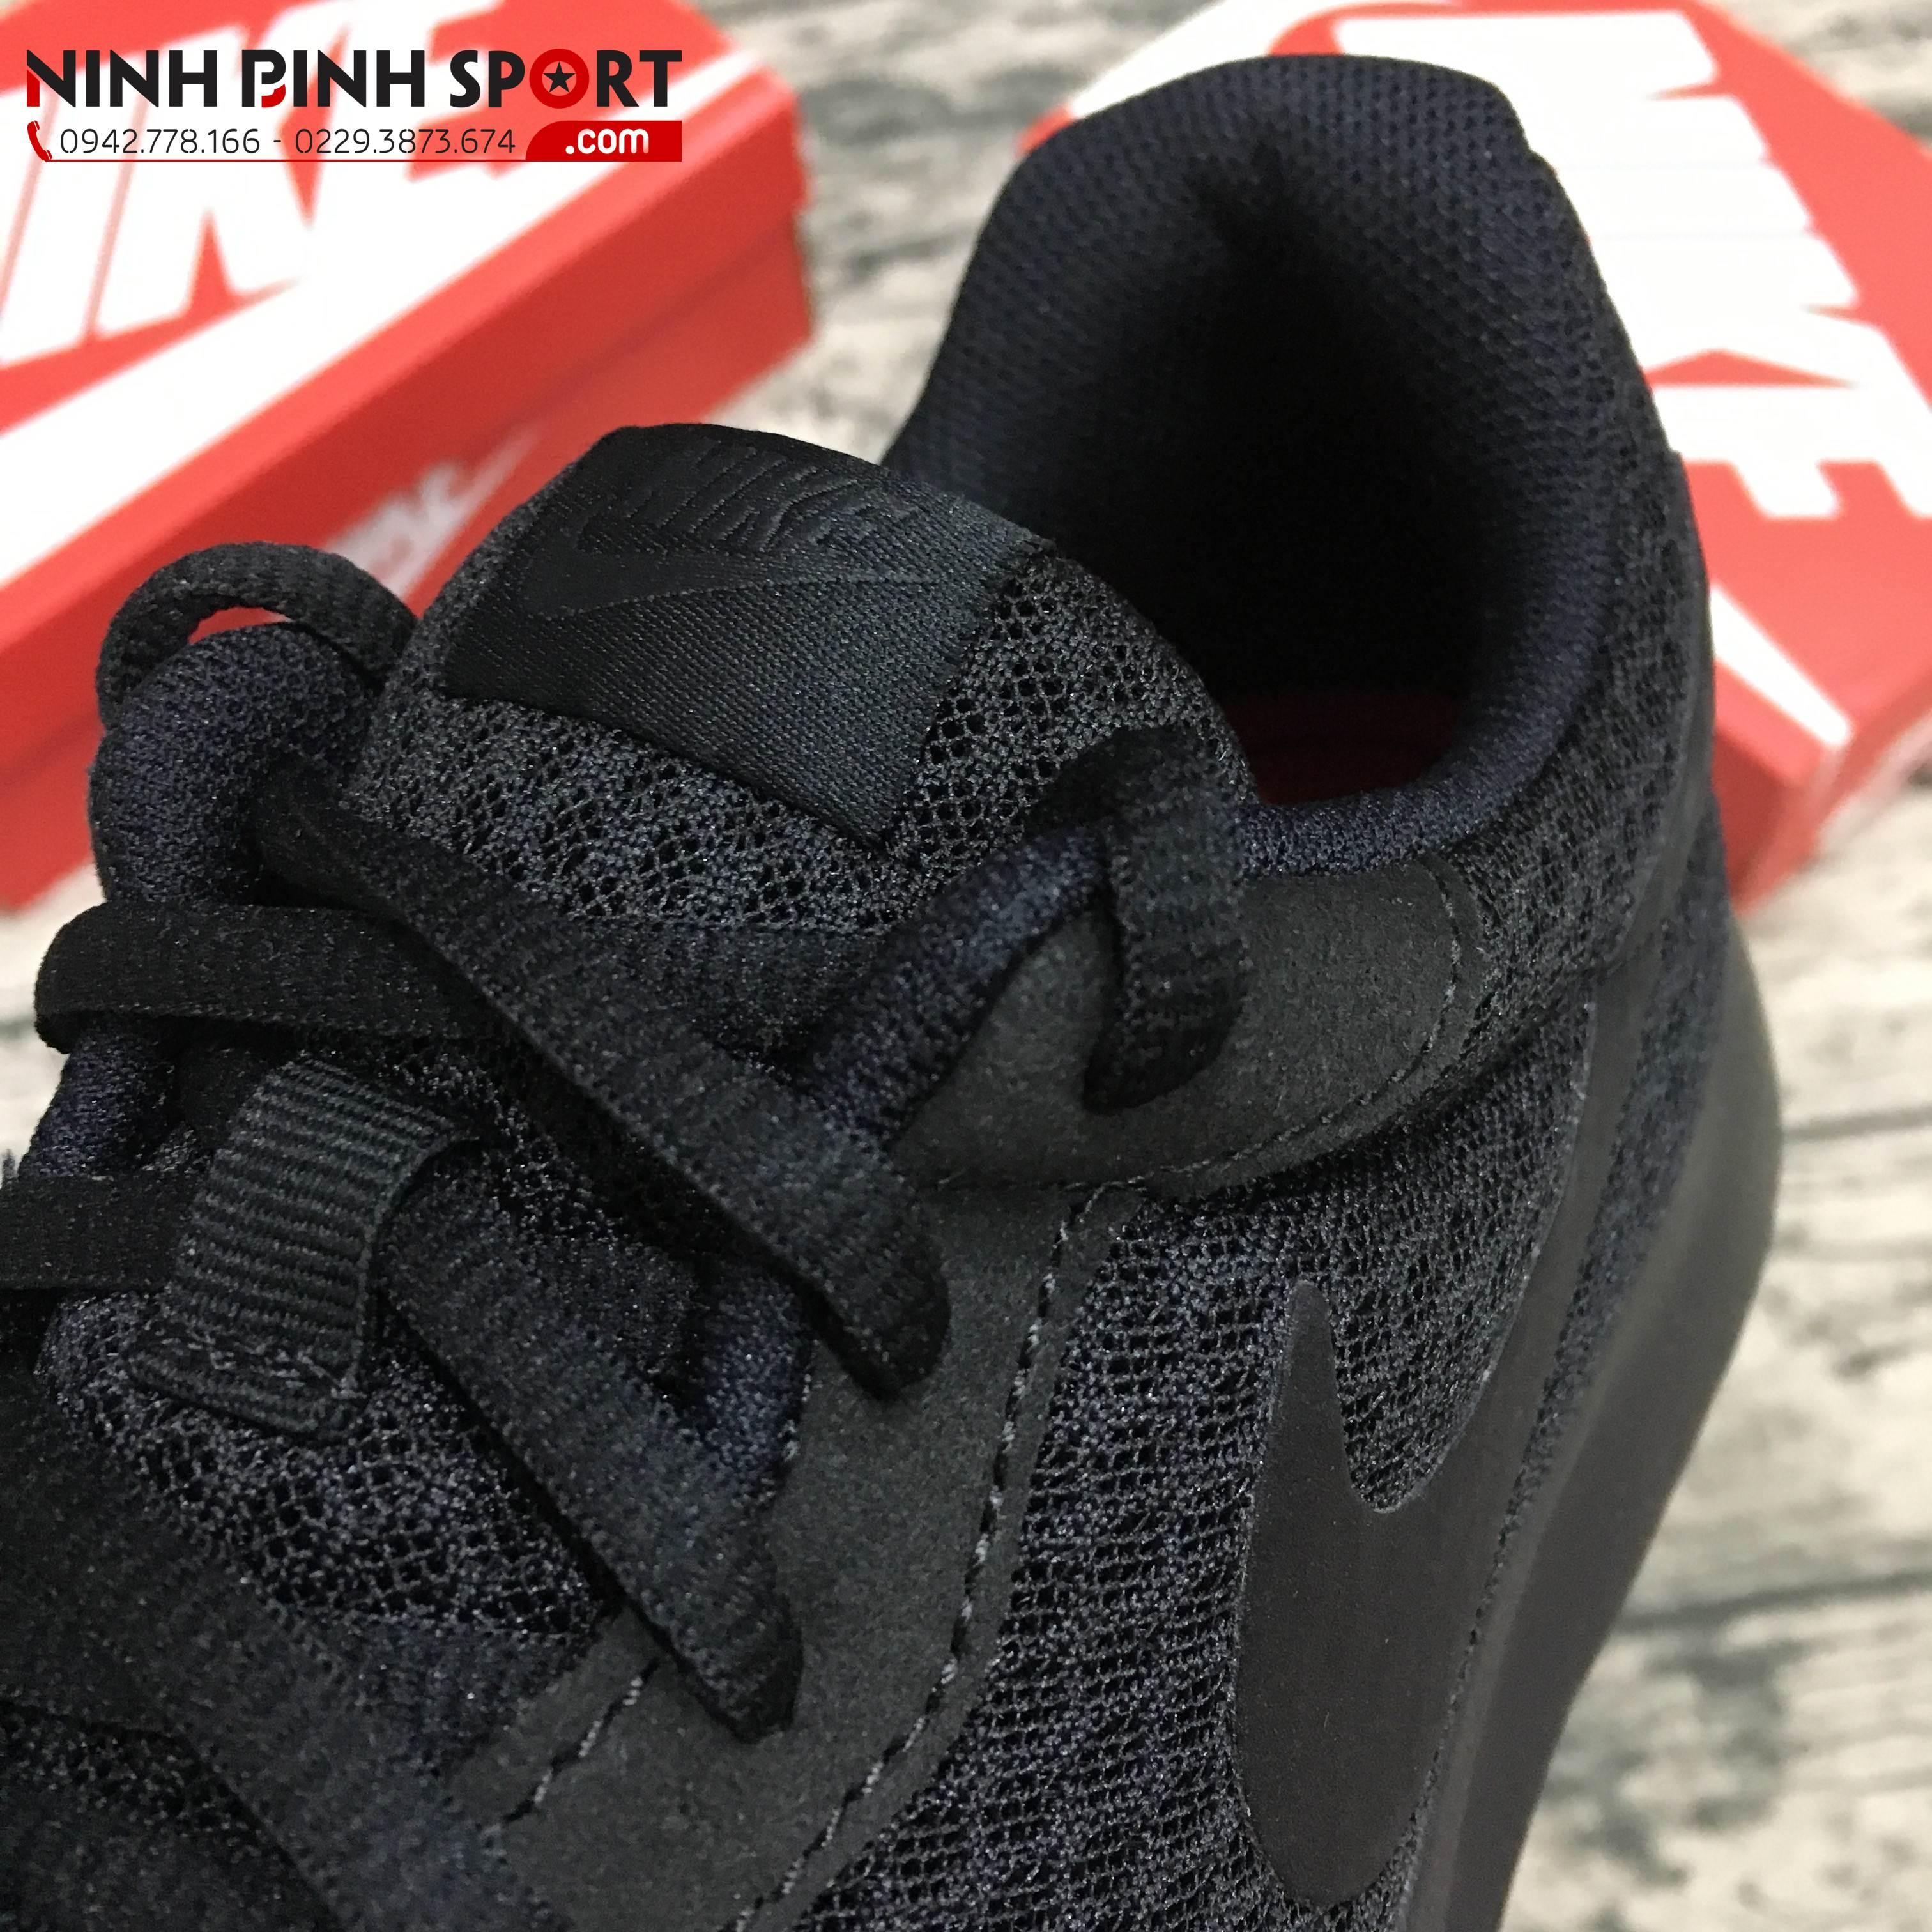 Giày thể thao nam Nike Tanjun Running Shoes Blac 812654-001